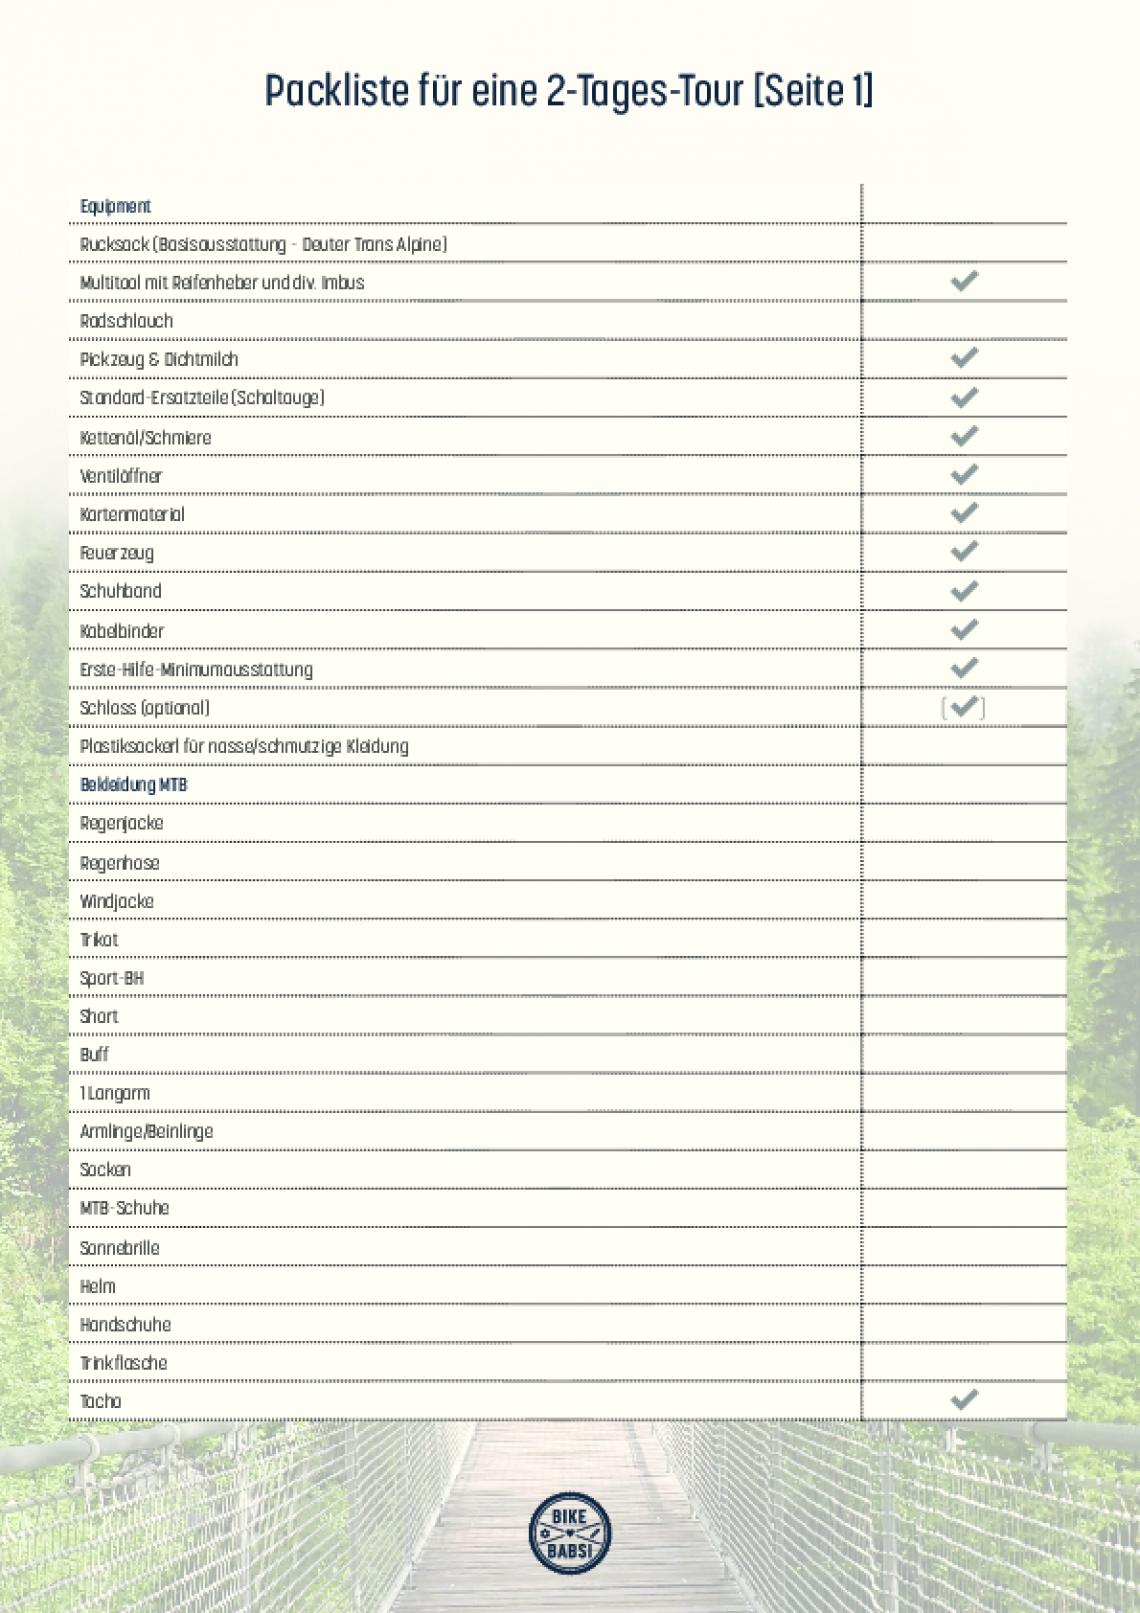 zweitagestour-packliste.pdf